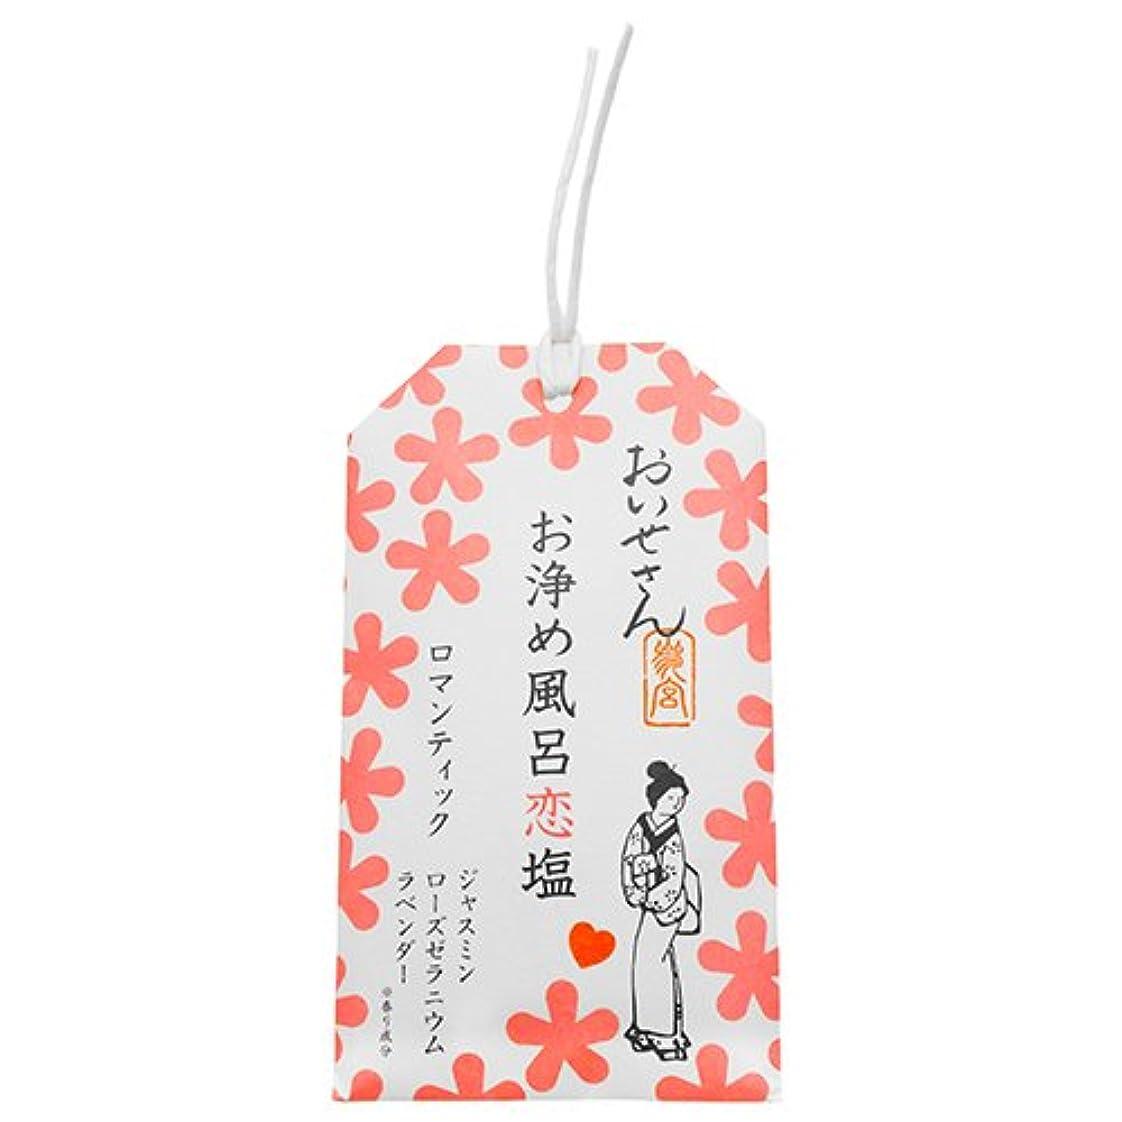 選挙チップ歯おいせさん お浄め風呂恋塩(ロマンティック)